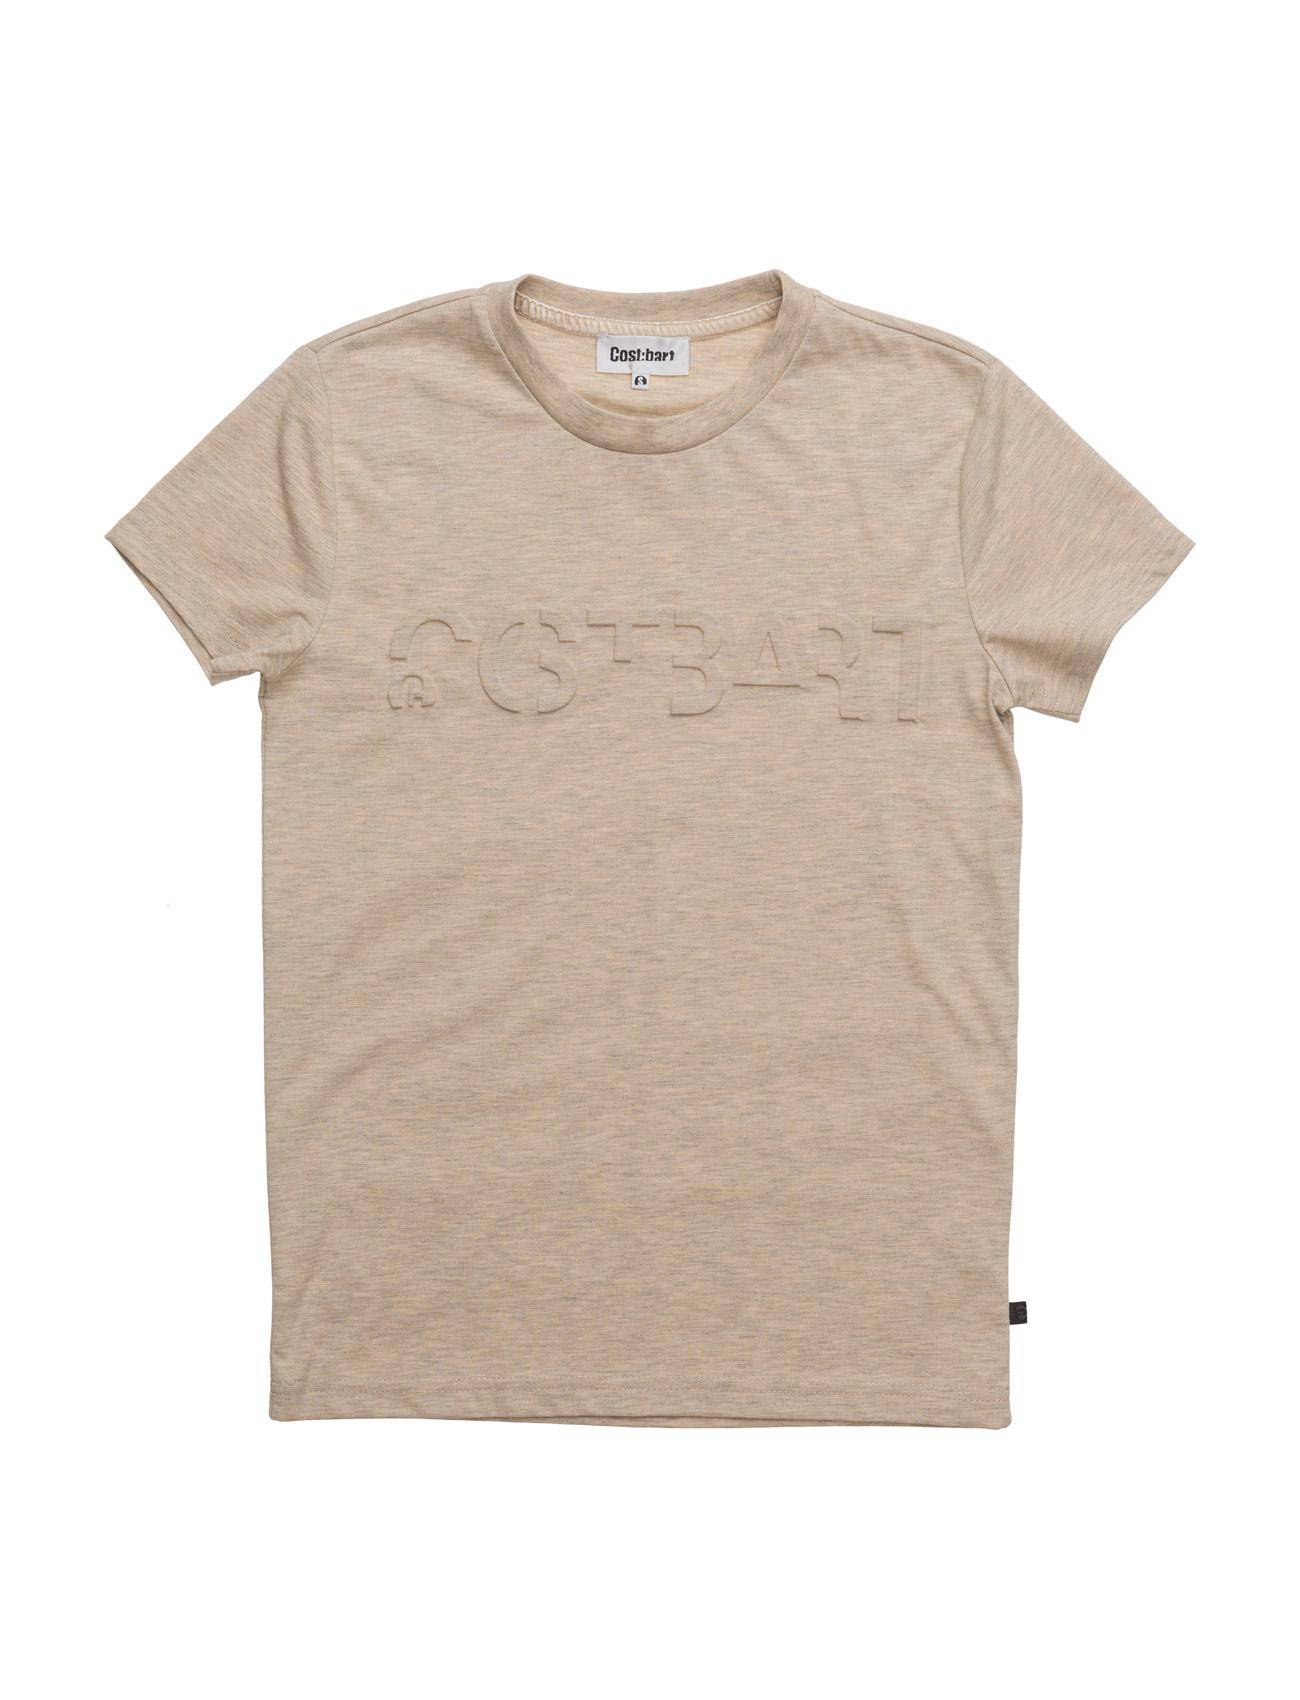 Robert T-Shirt CostBart T-shirts til Drenge i